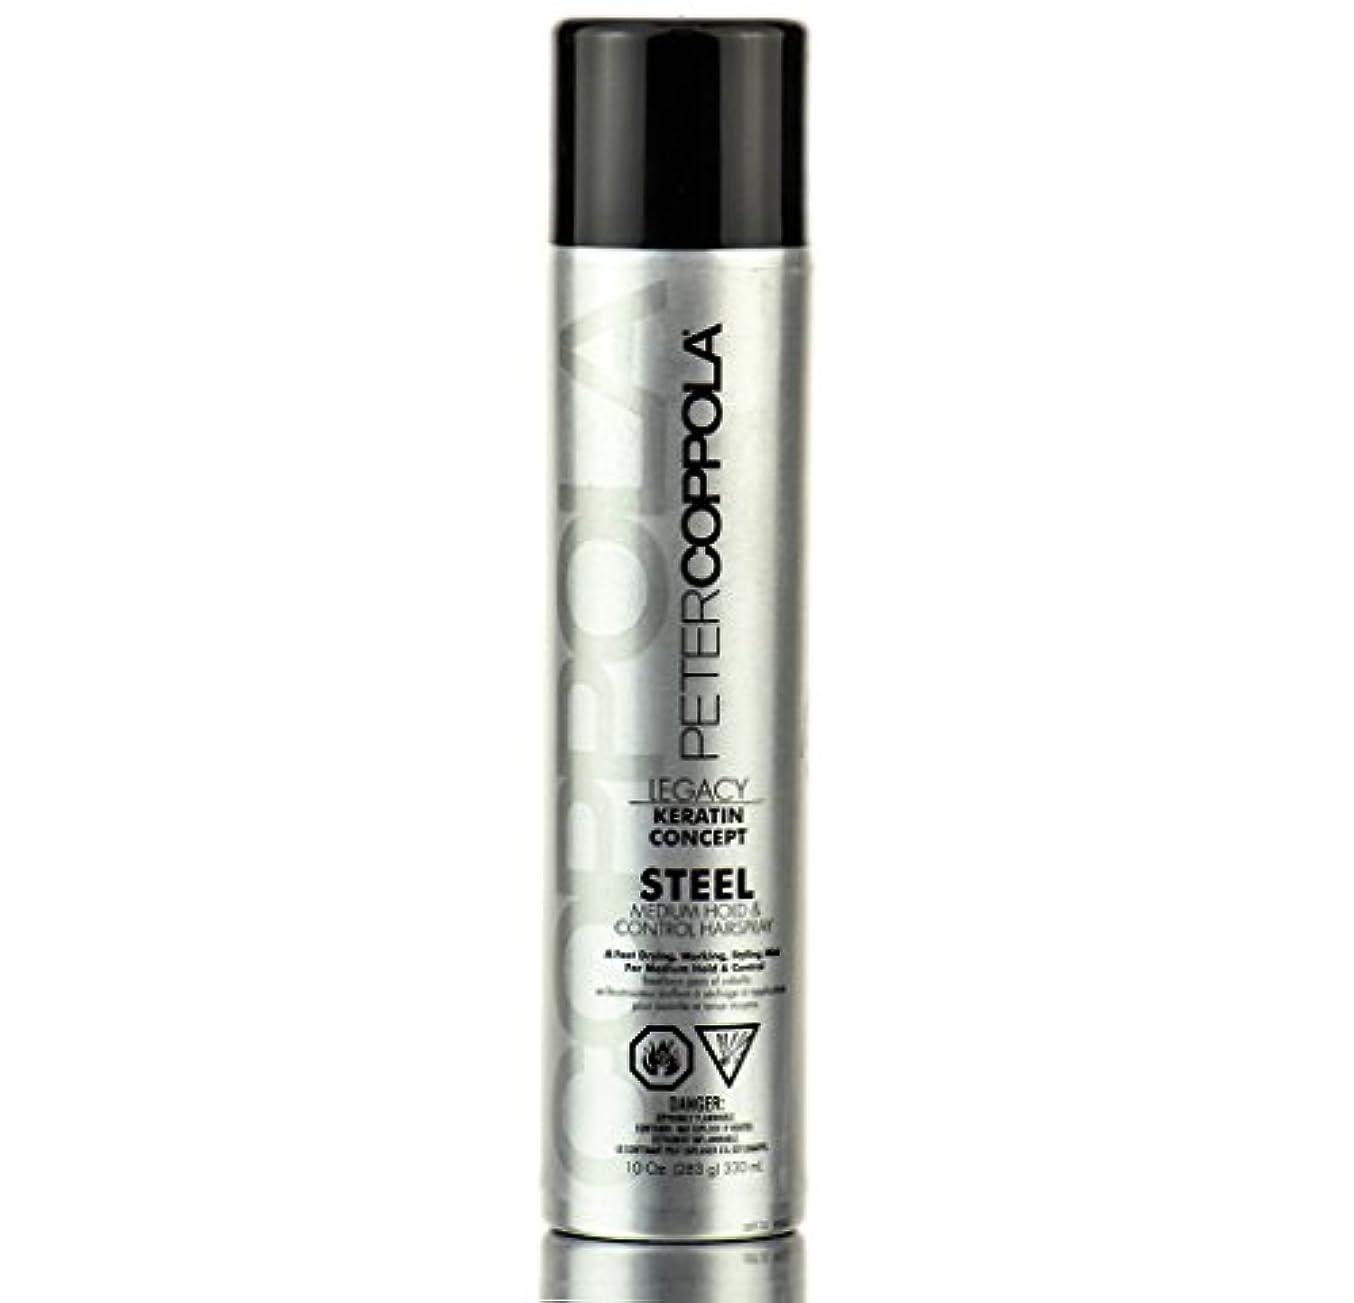 散逸静けさ未使用Peter Coppola スチールヘアスプレー - 軽量、ミディアムホールド、柔軟なホールドは、スタイリングヘアボリューム&スタイリングのすべての髪のタイプを追加するための10オンスミディアムシャインスプレー medium_hold